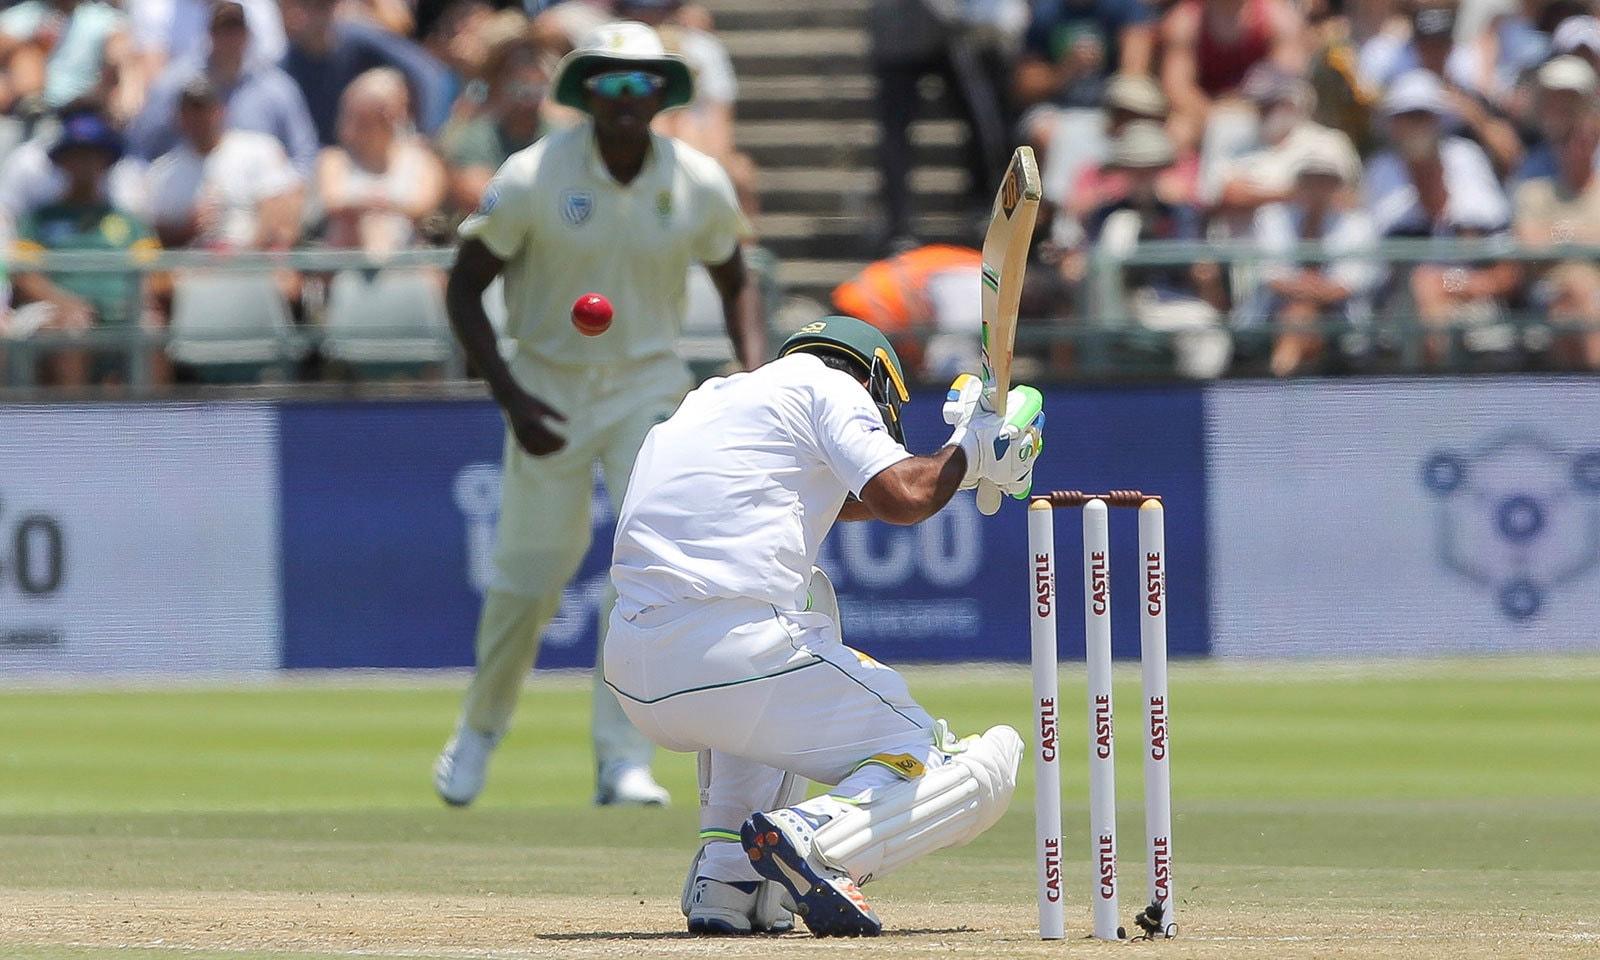 جنوبی افریقہ کے باؤلرز نے پاکستانی بلےبازوں کو بڑی اننگز کھیلنے کی اجازت نہیں دی—فوٹو:اے پی